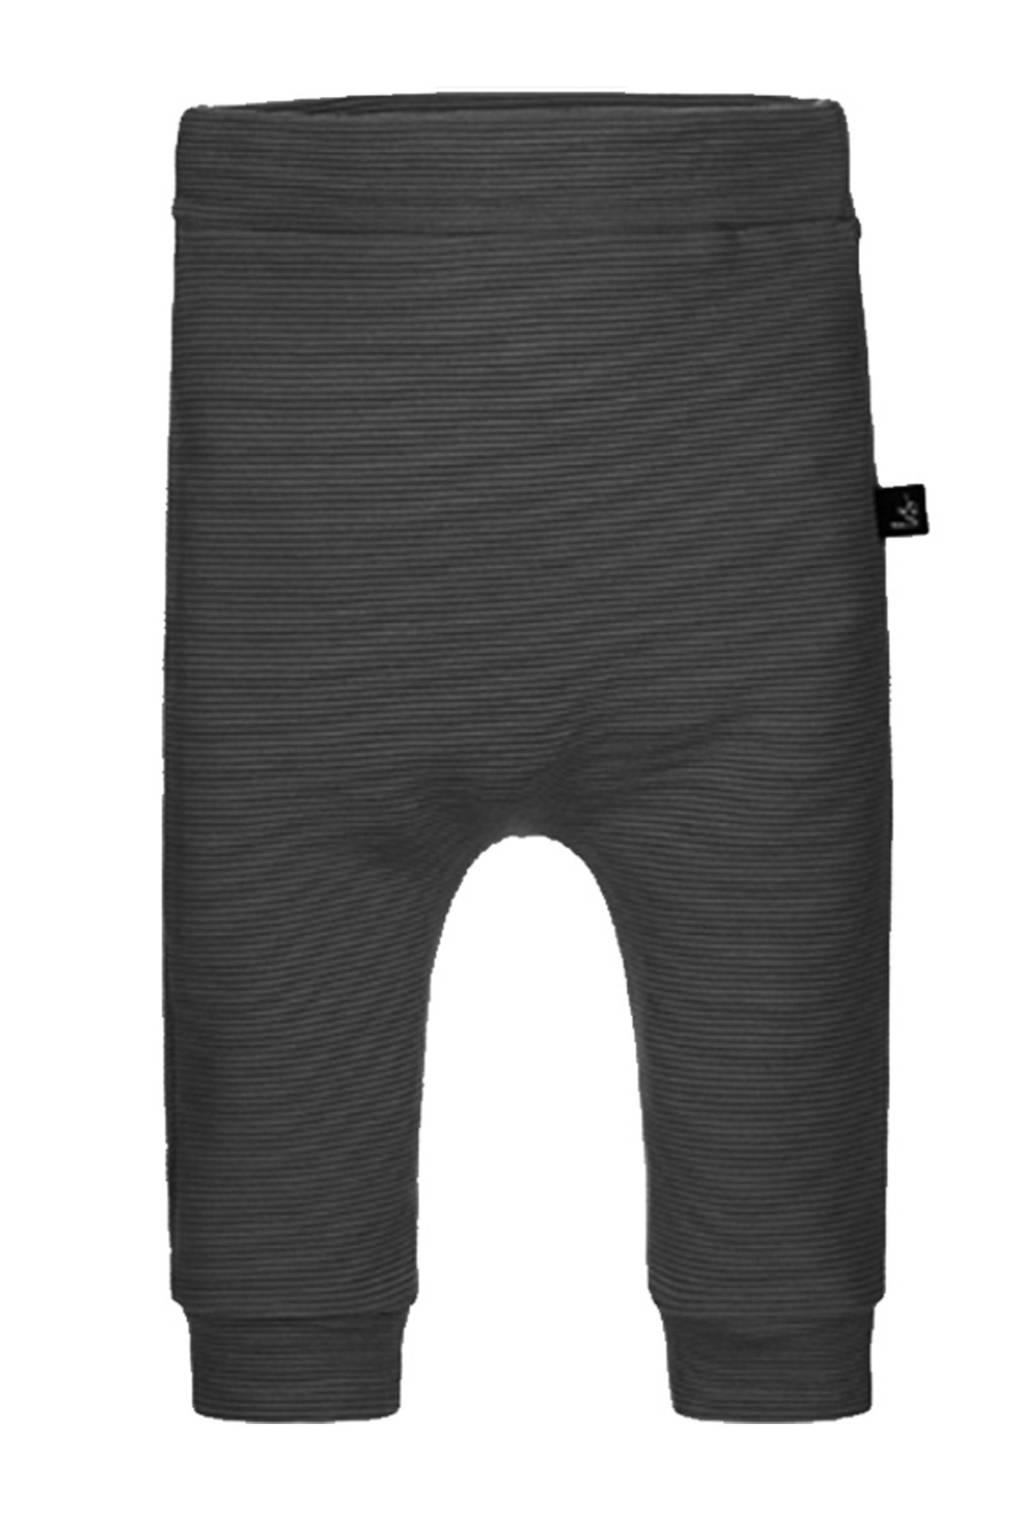 Babystyling baby gestreepte slim fit broek zwart, Zwart